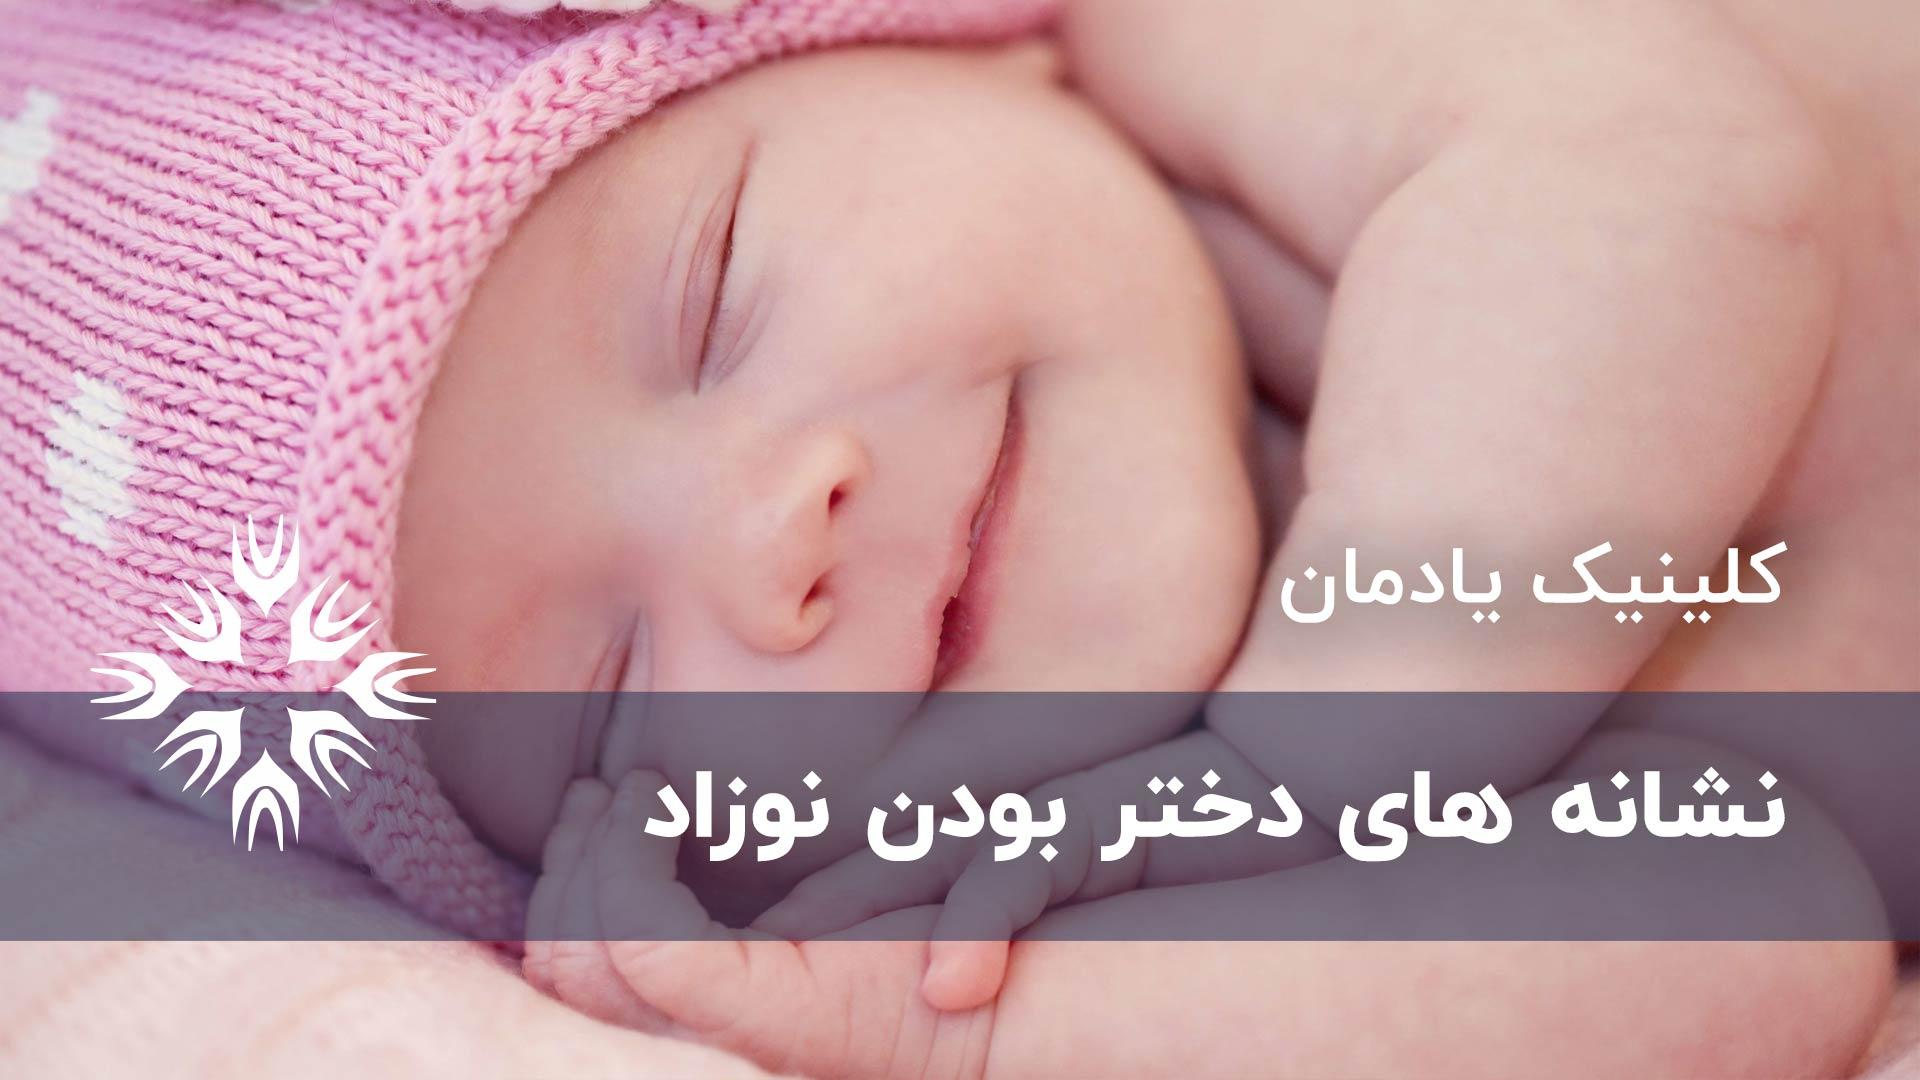 باور های غلط در برابر واقعیت: نشانه هایی که نوزاد شما دختر است